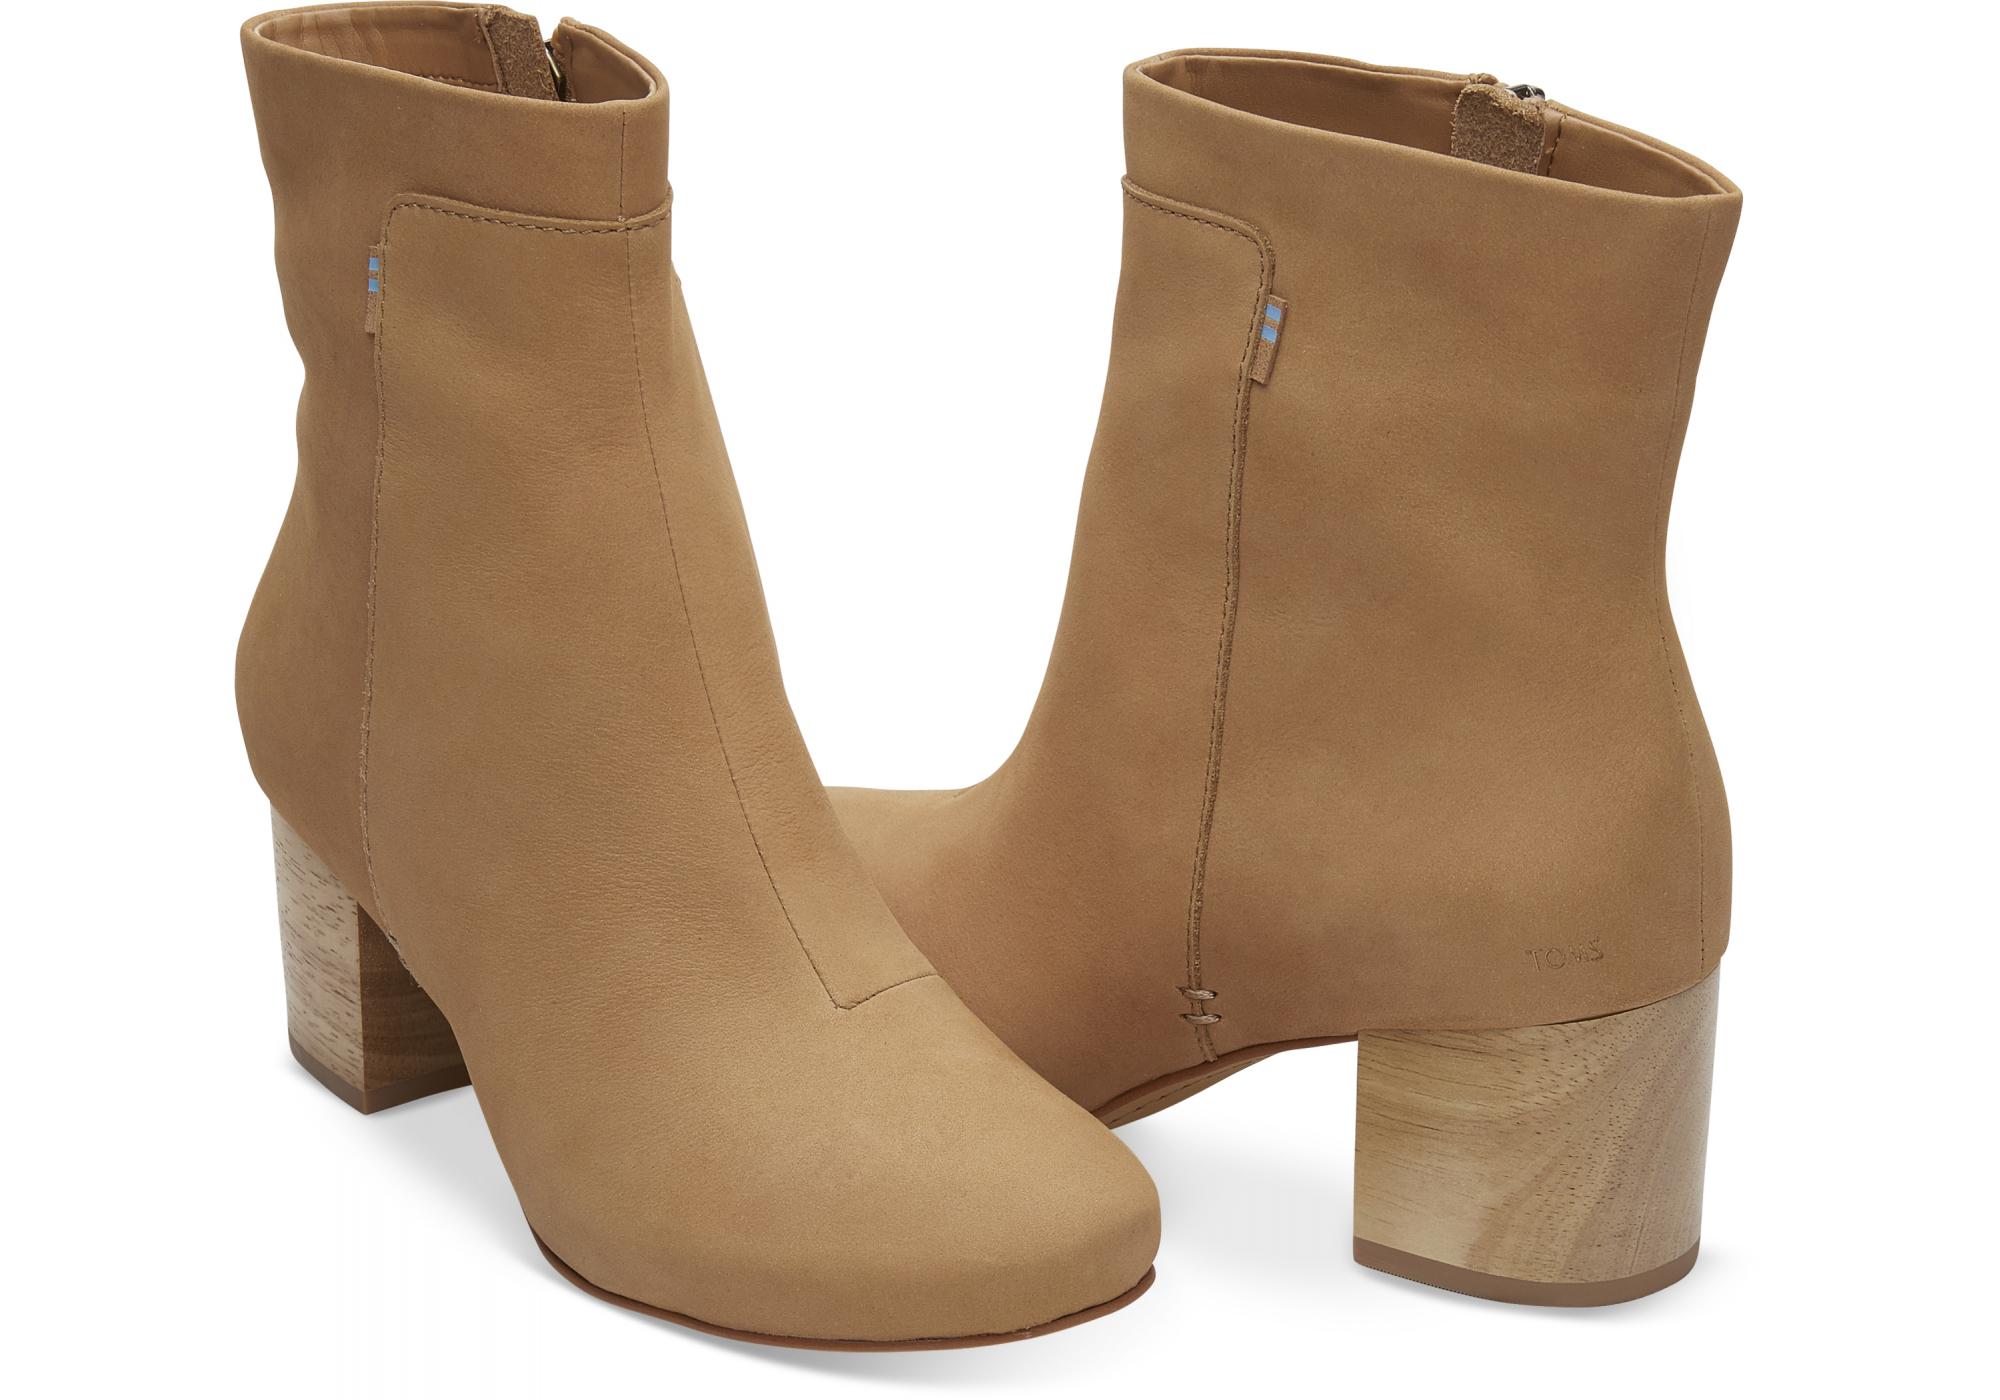 829671e65087a dámské hnědé kotníkové boty TOMS Evie   Urbanlux